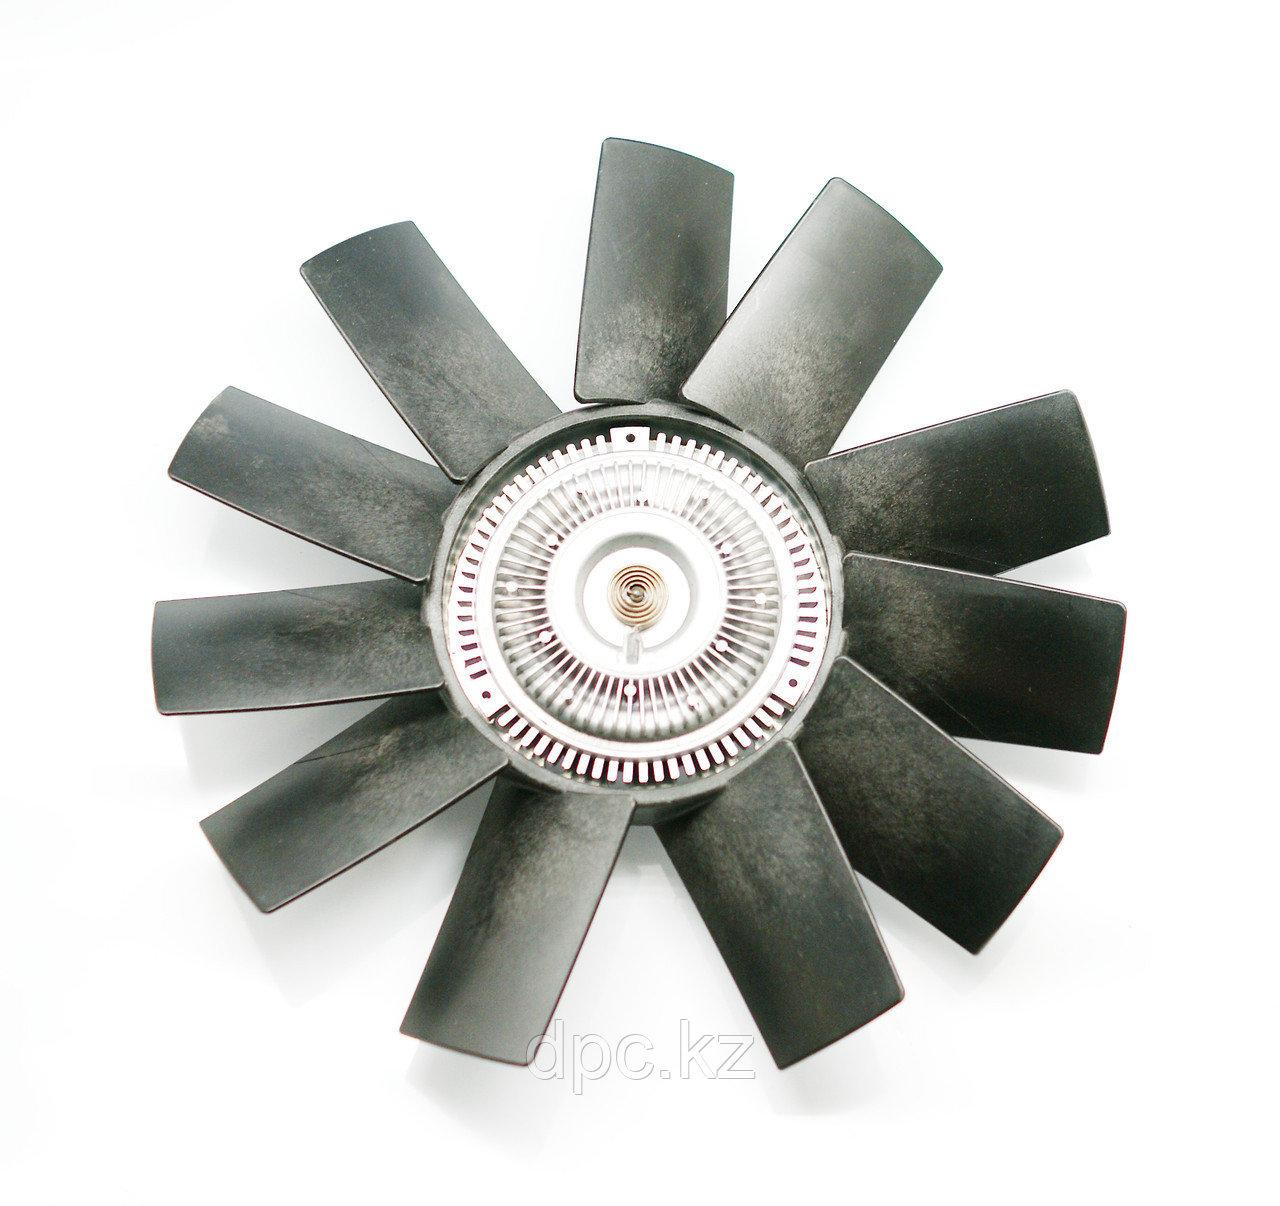 Вентилятор с вязкостной муфтой (вискомуфтой) D-410 для Cummins ISF2.8 ГАЗель Бизнес/NEXT